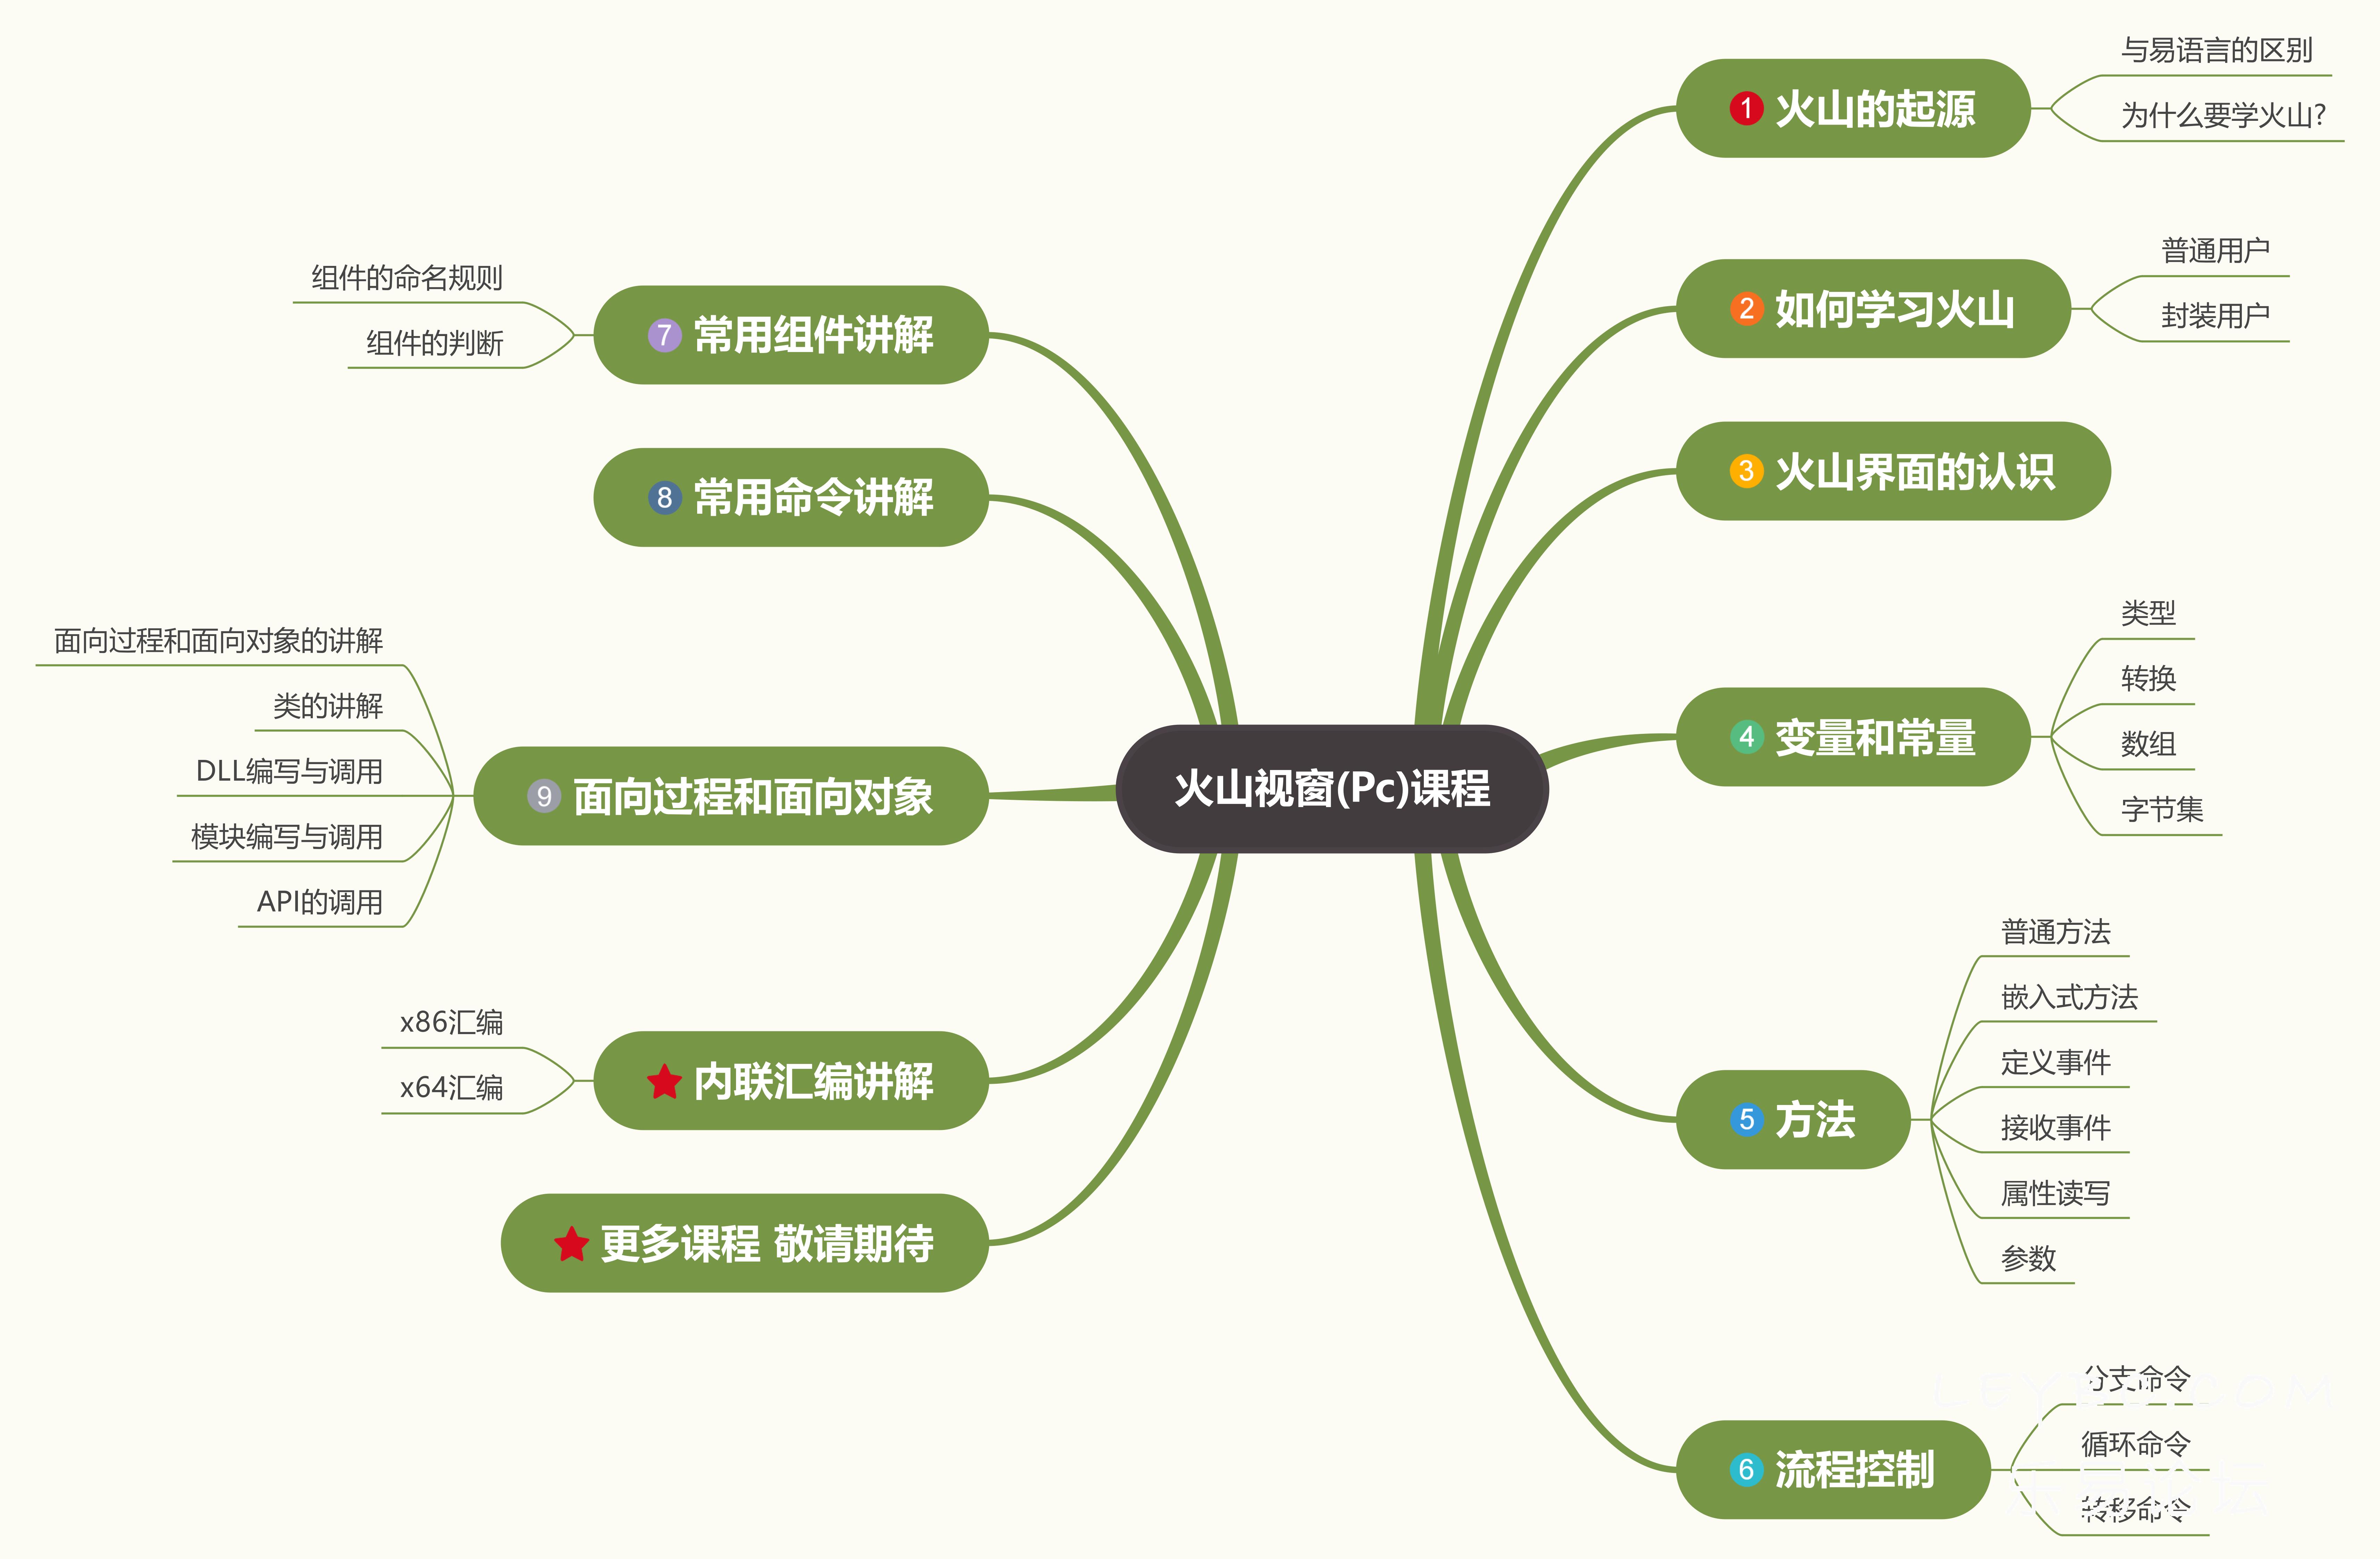 火山中文平台.png